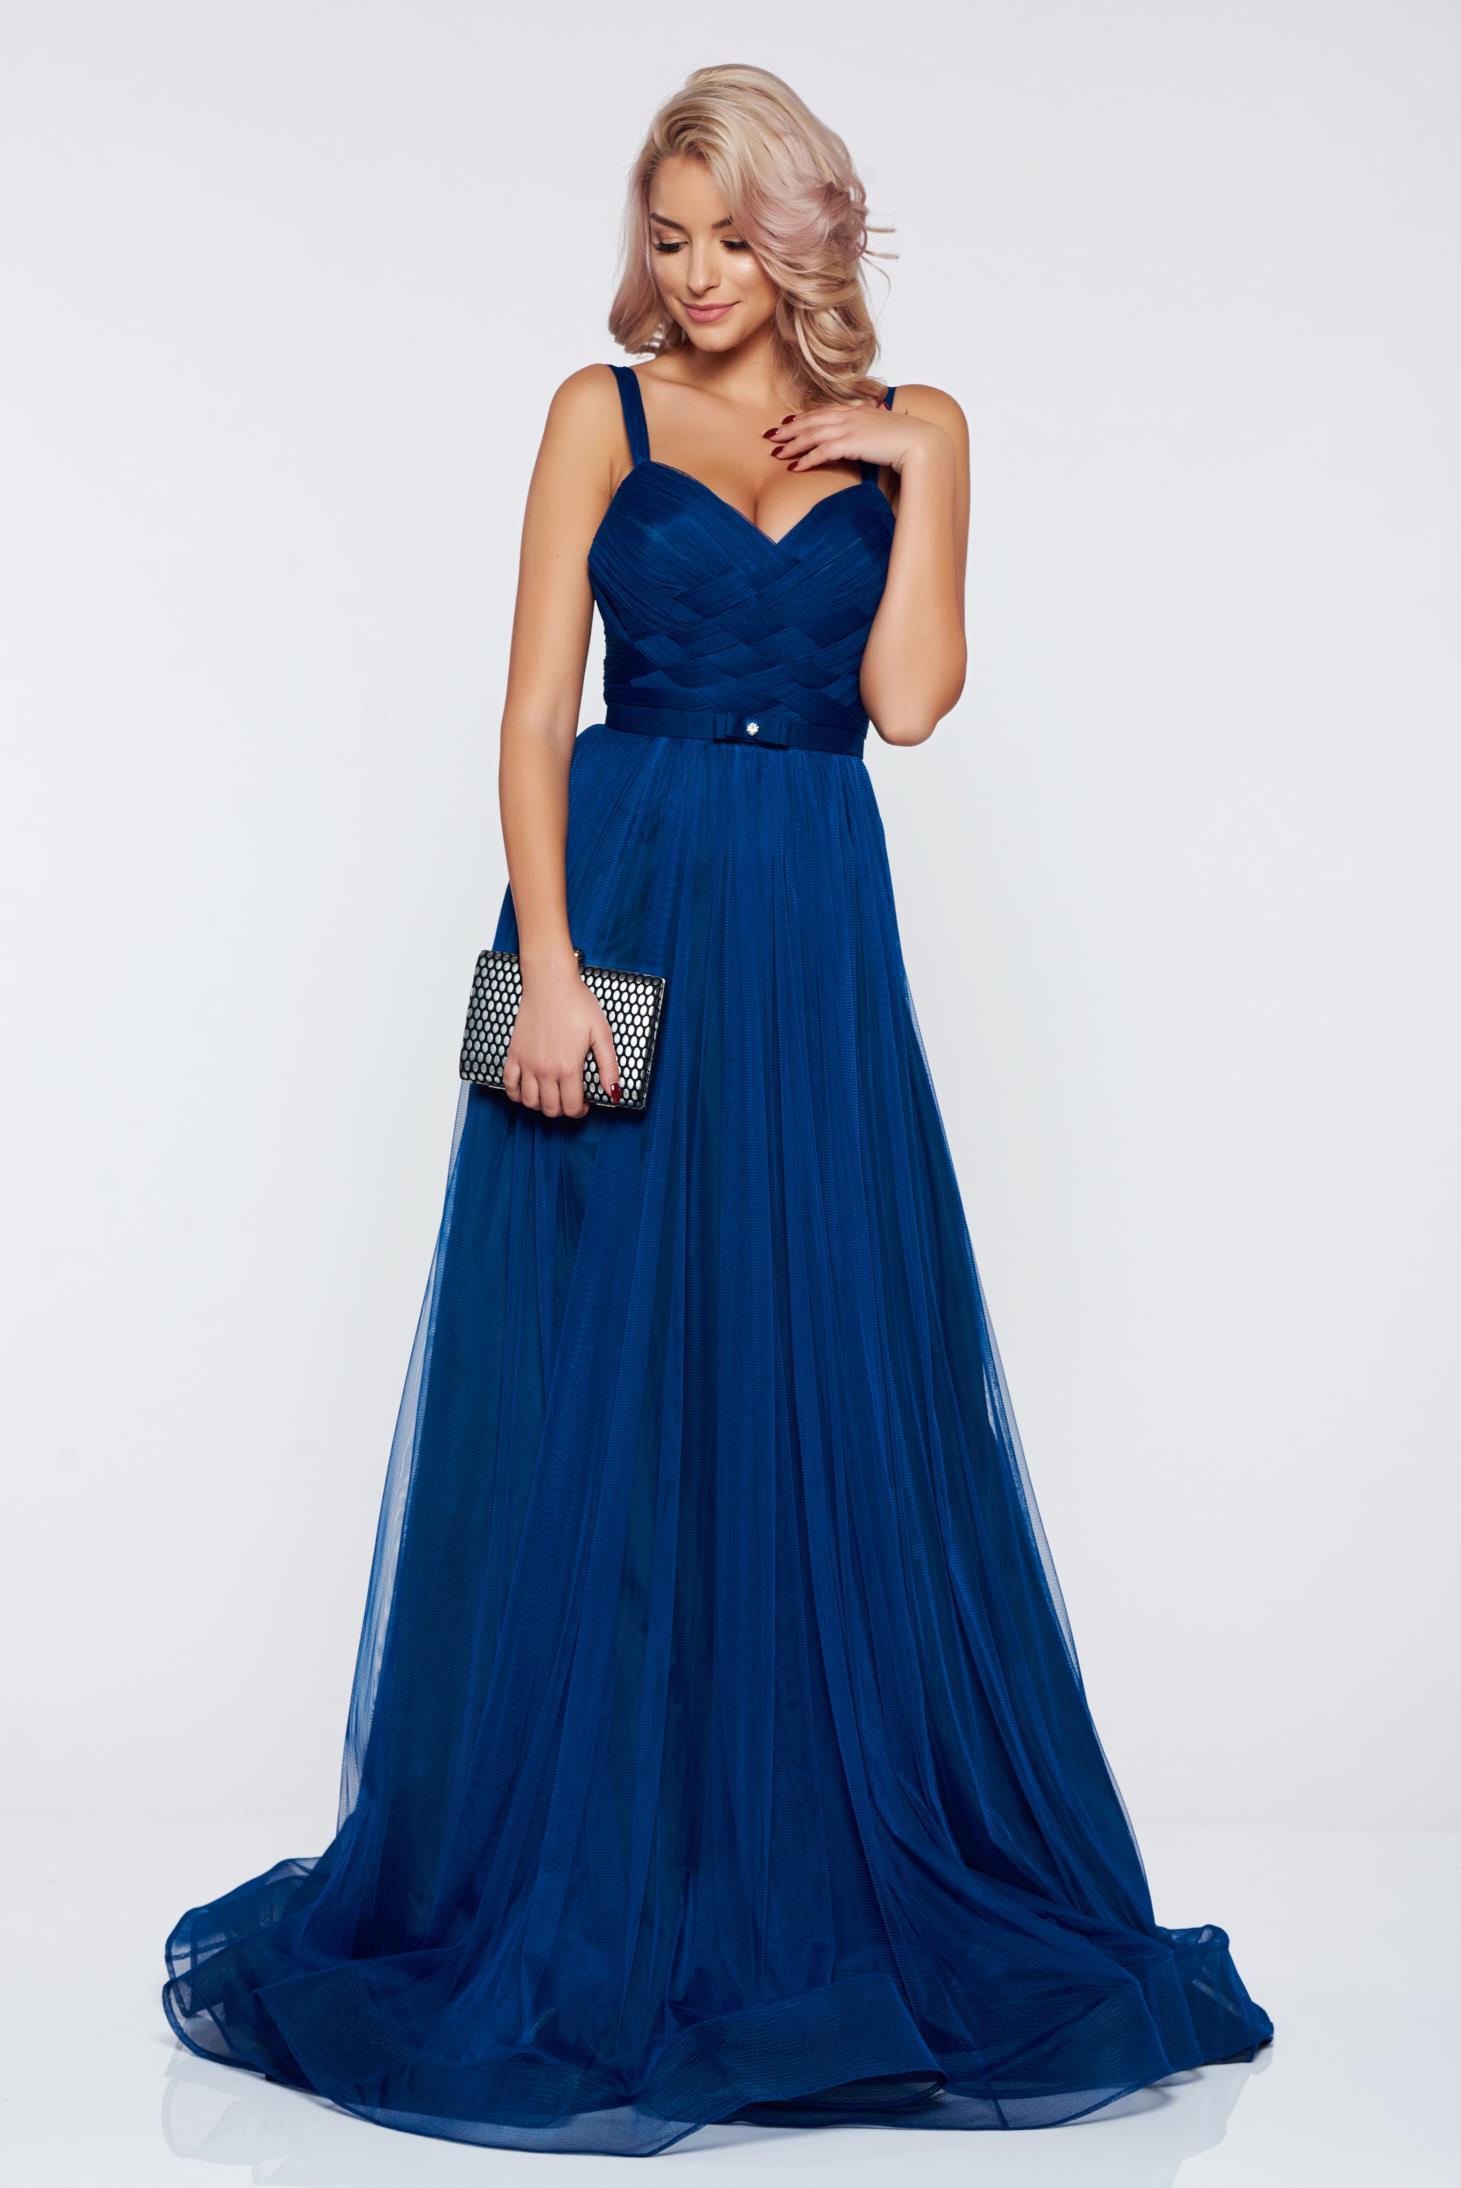 Kék Ana Radu pántos estélyi ruhák ruha övvel ellátva ab7bf4a29a